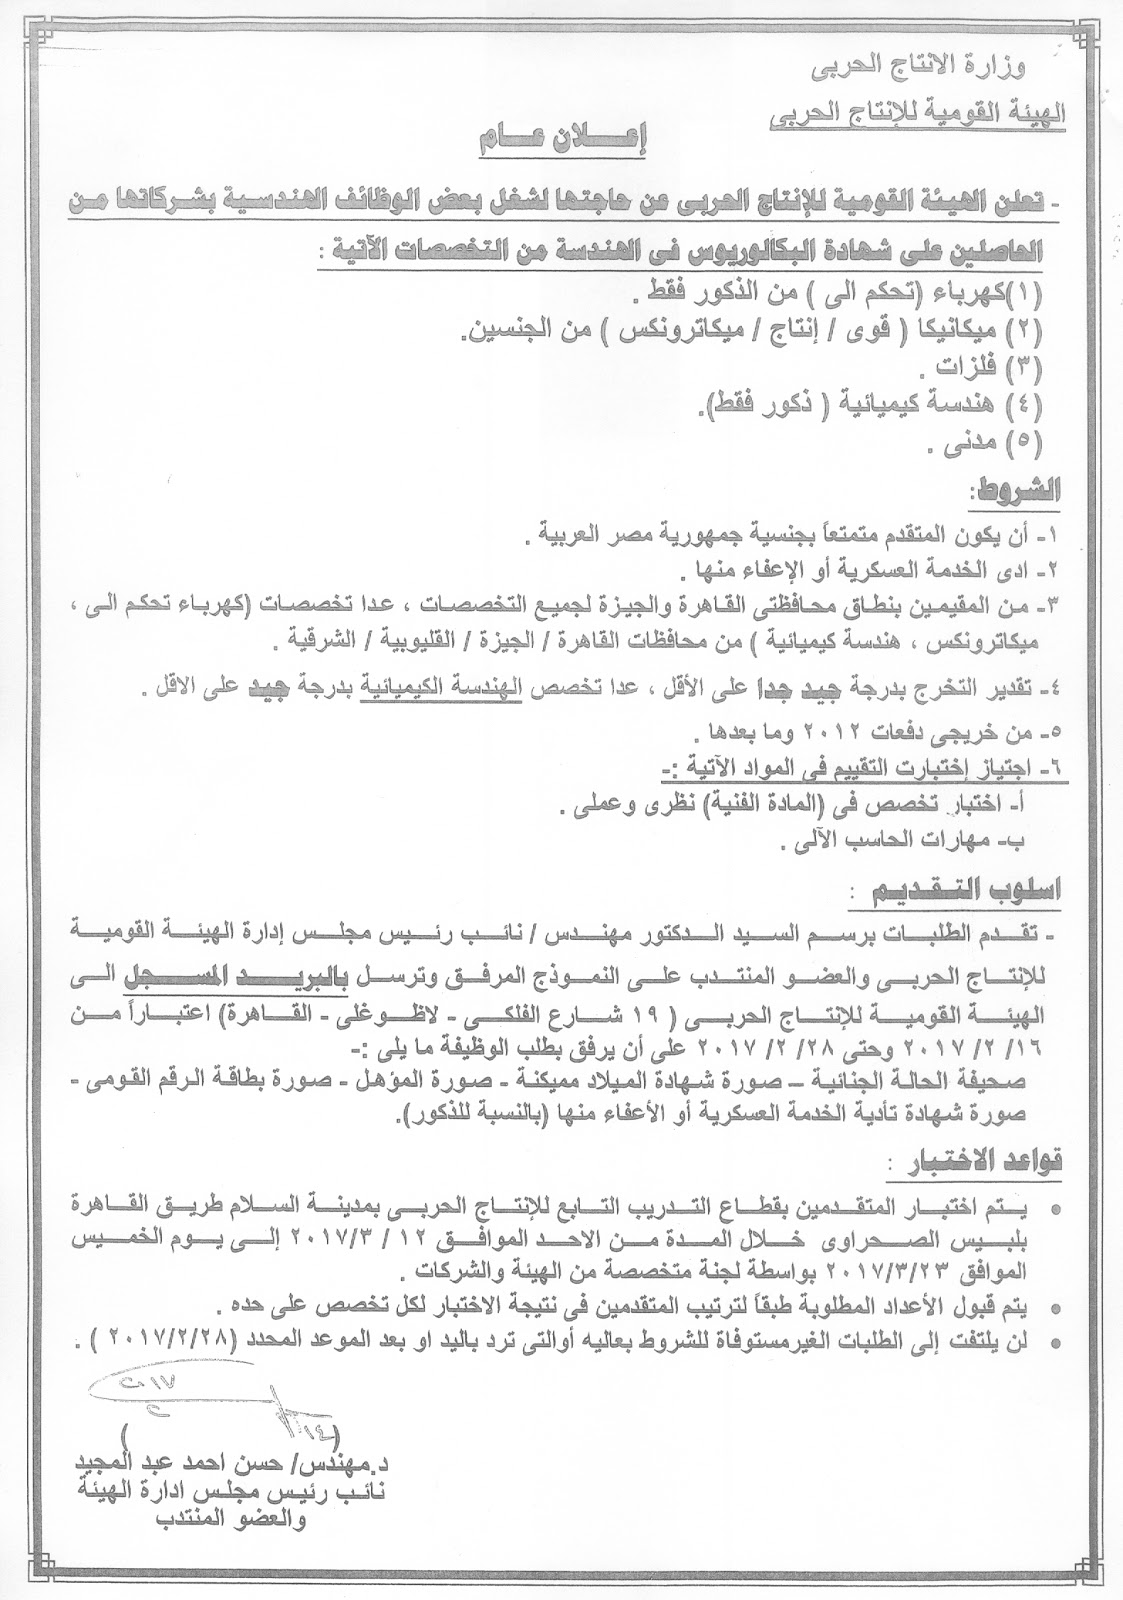 إعلان الهيئة القومية للإنتاج الحربى عن حاجتها لشغل وظائف مهندسين